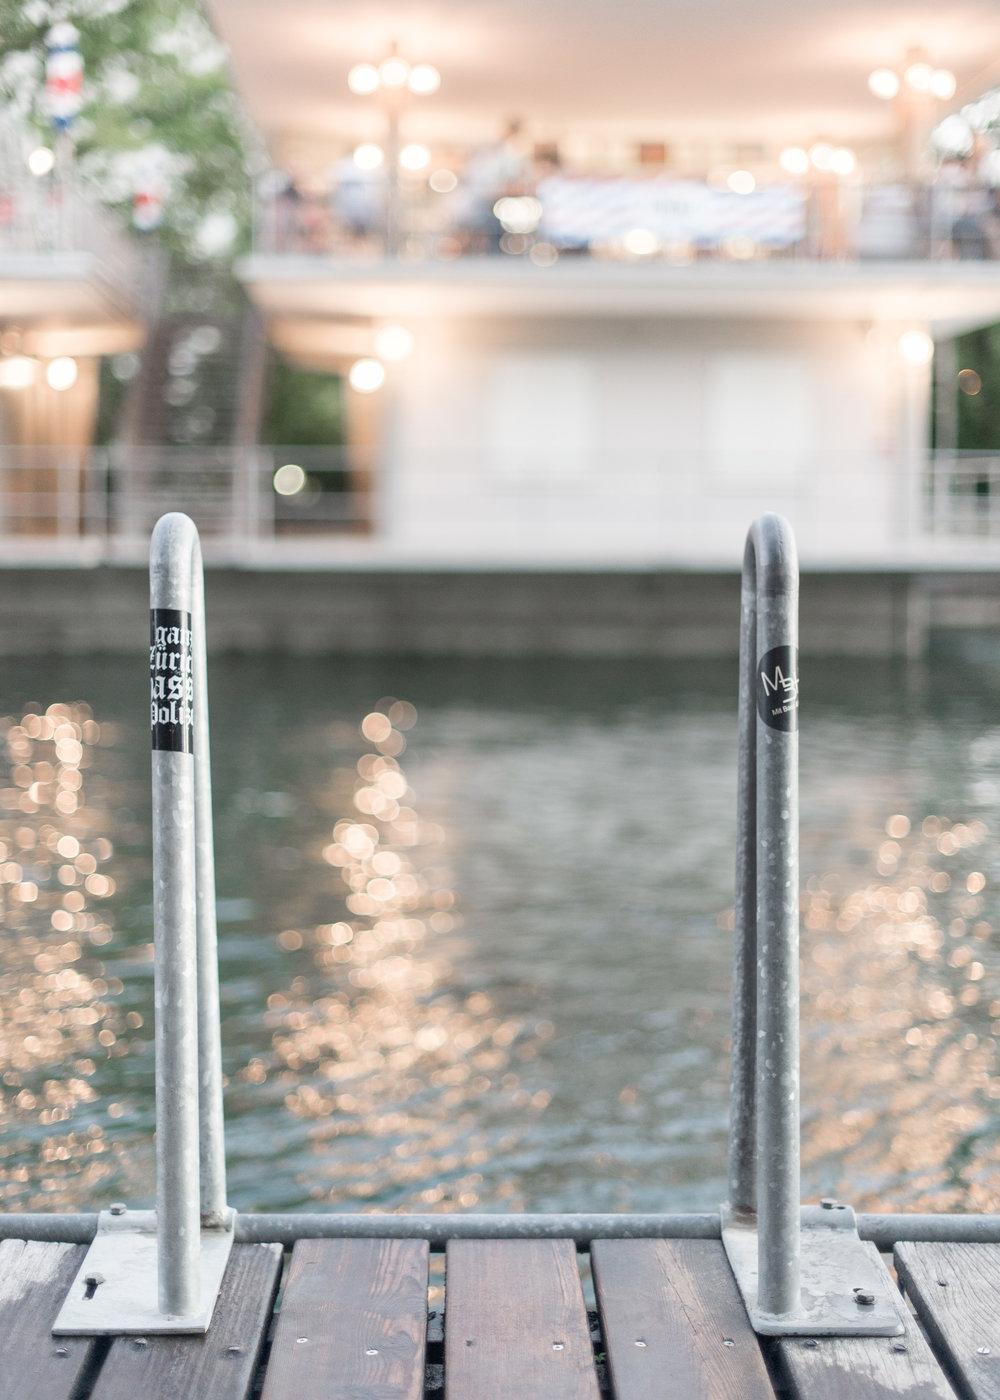 Limmat River Zurich Switzerland Carley Rudd photography